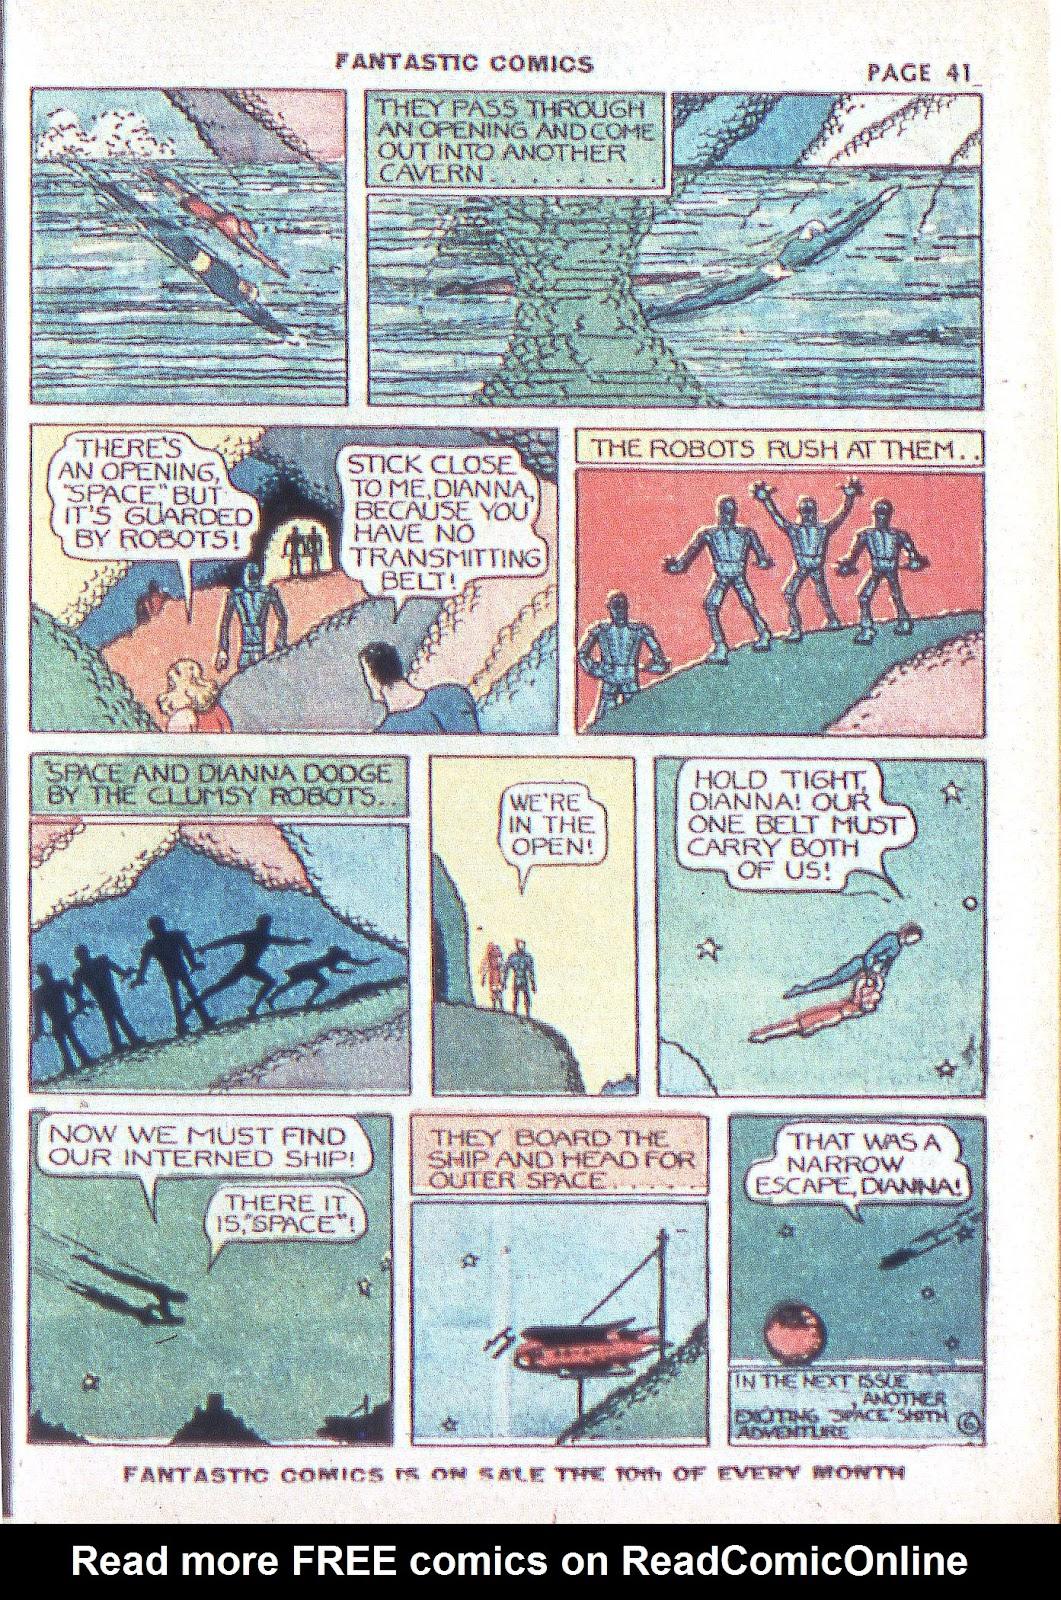 Read online Fantastic Comics comic -  Issue #3 - 43